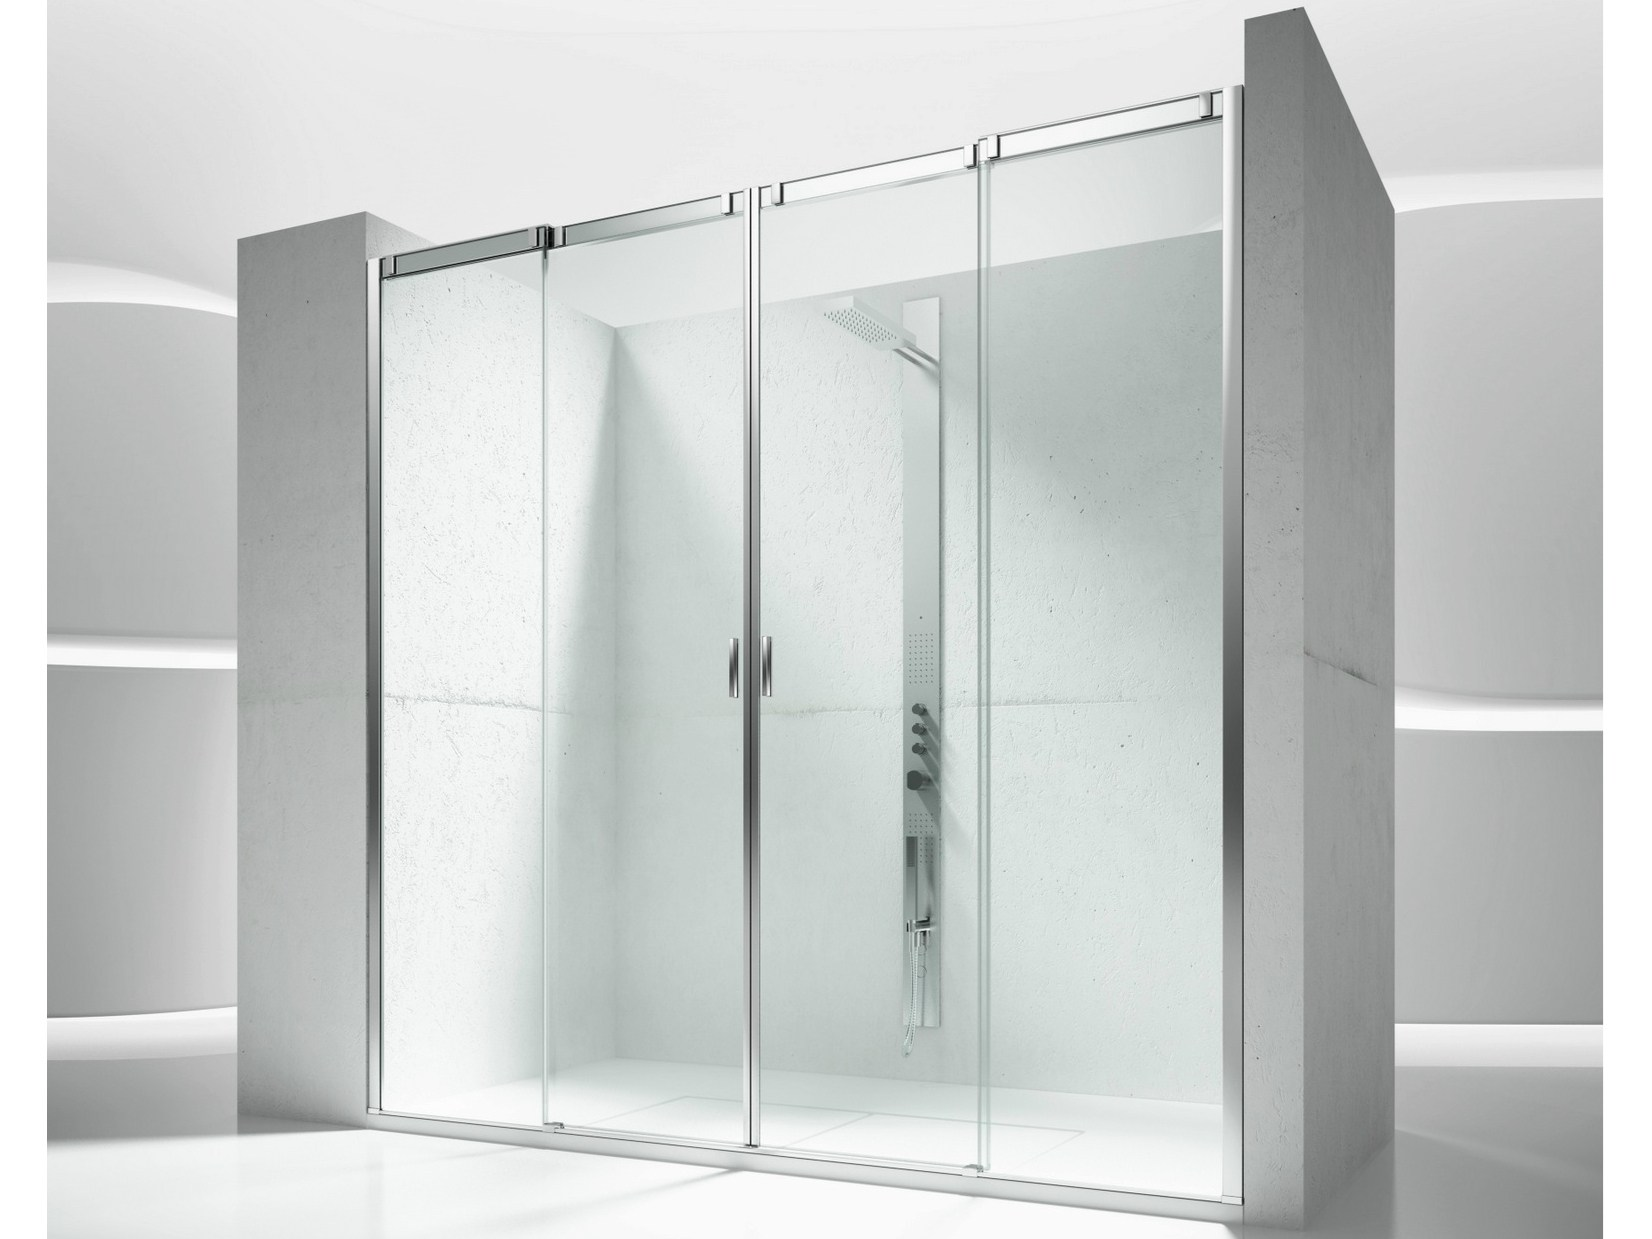 Duchas con puertas de vidrio great vidrio templado slice - Vidrios para puertas ...